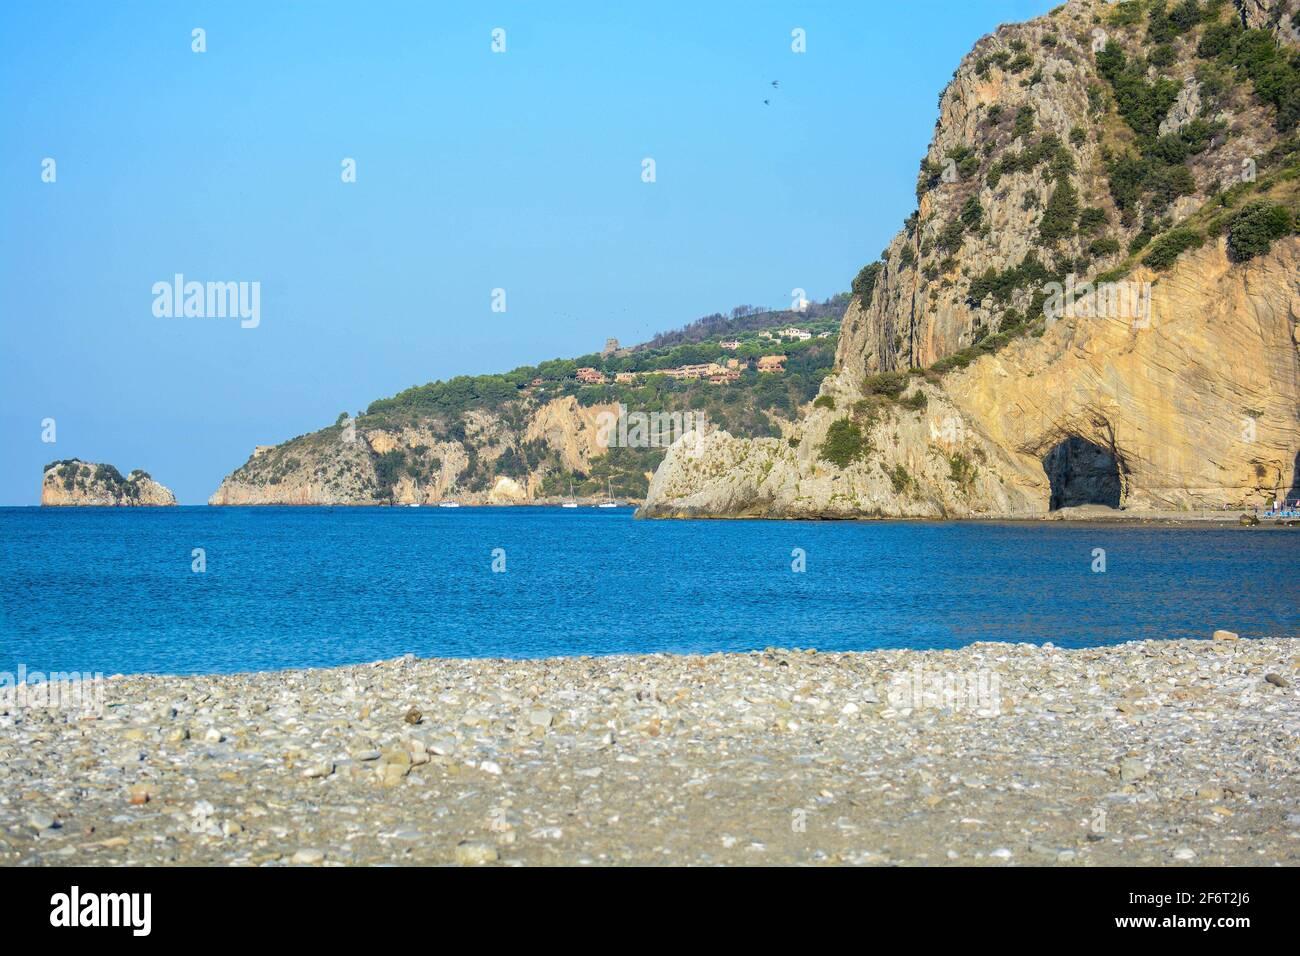 vue sur l'arche naturelle de palinuro en italie de la falaise et d'une partie de la plage. Banque D'Images